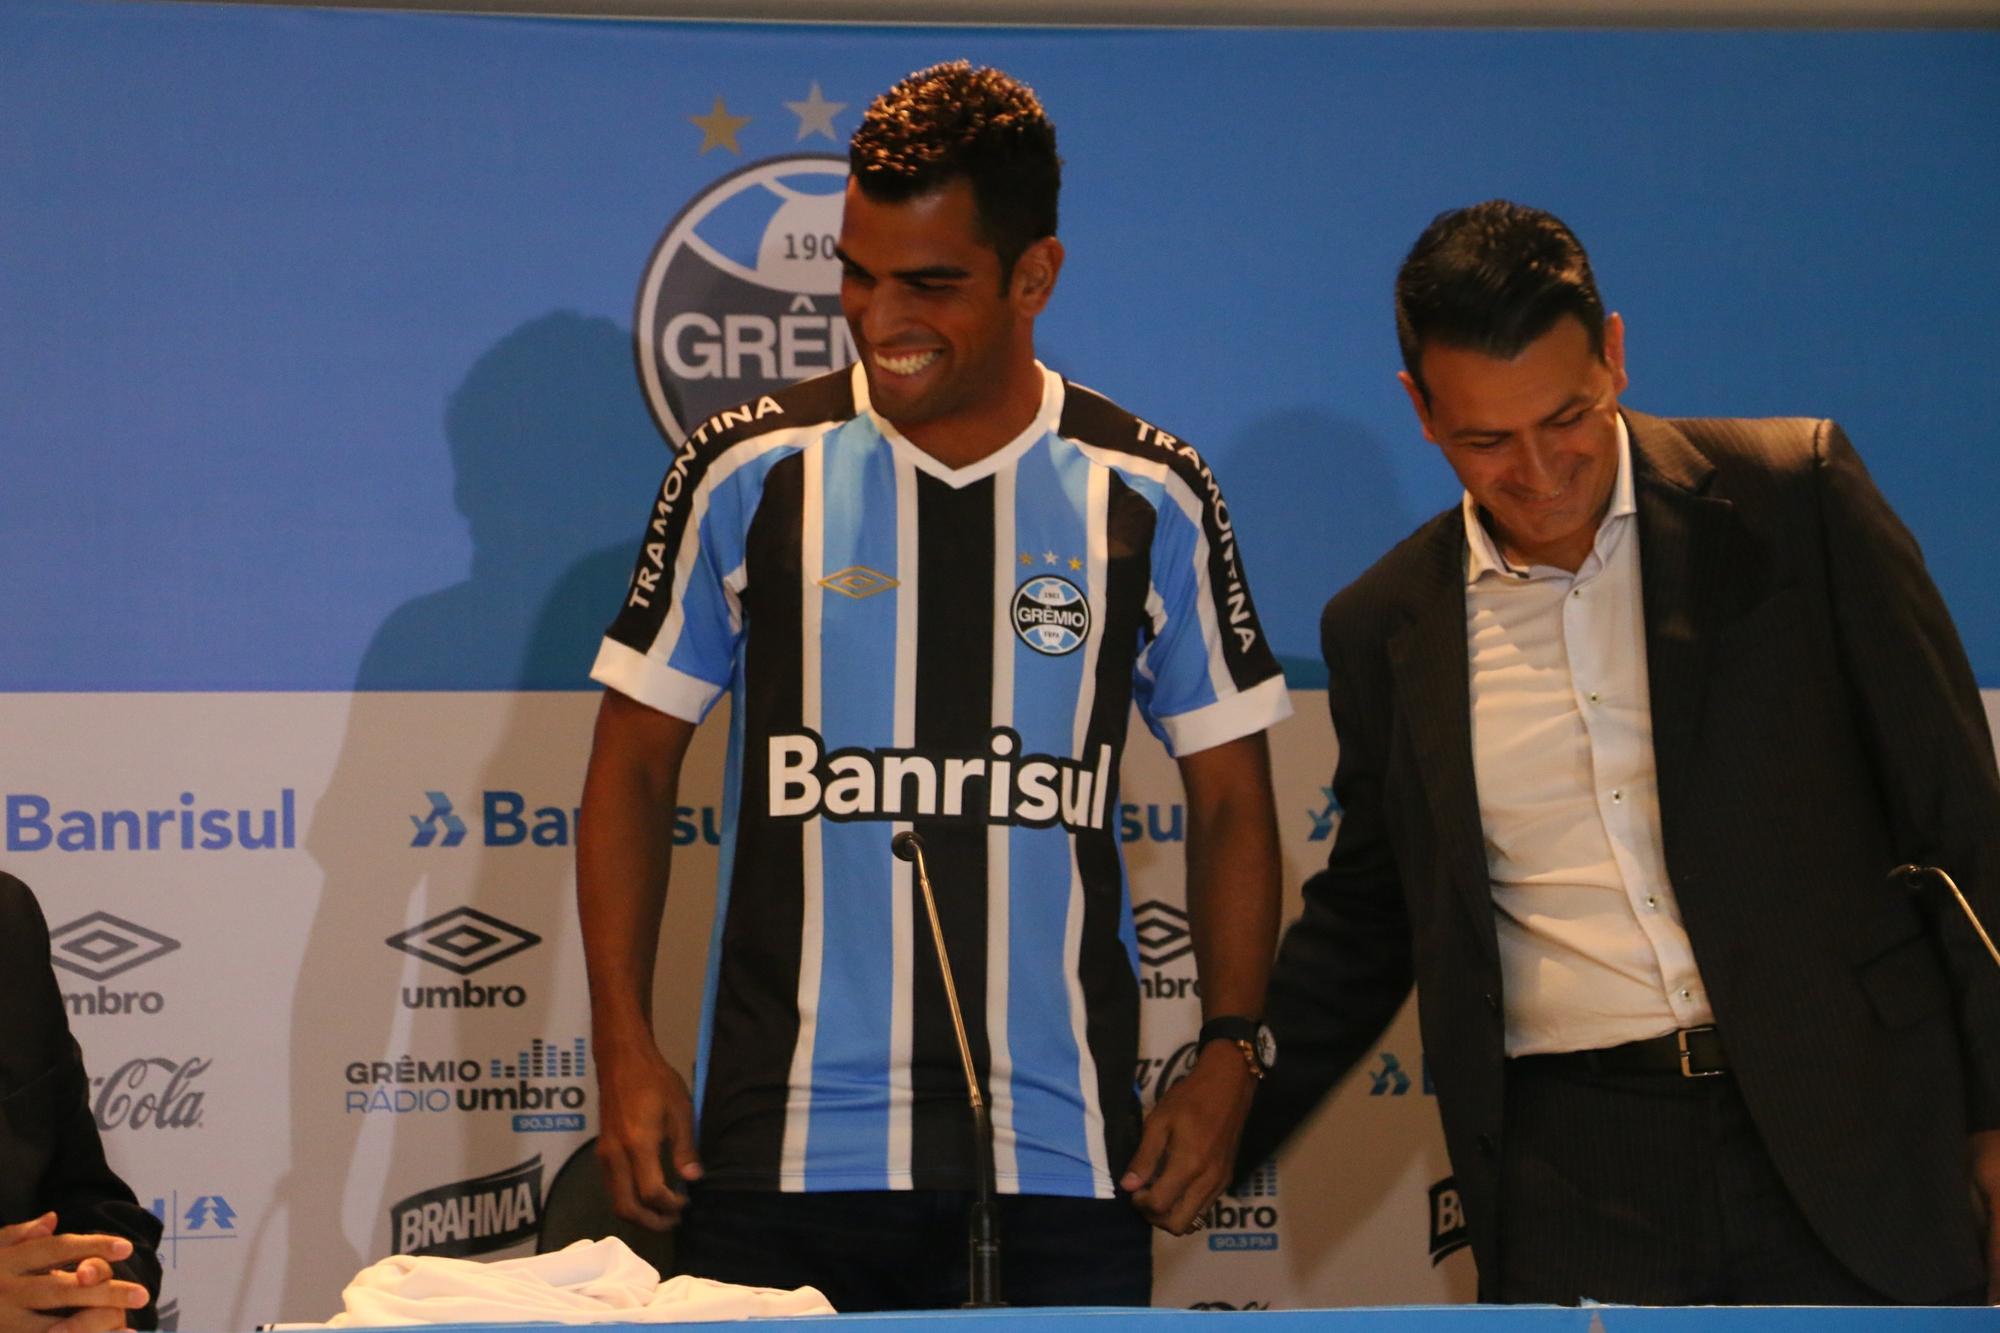 b20844f396 Maicon veste a camisa do Grêmio e minimiza pressão